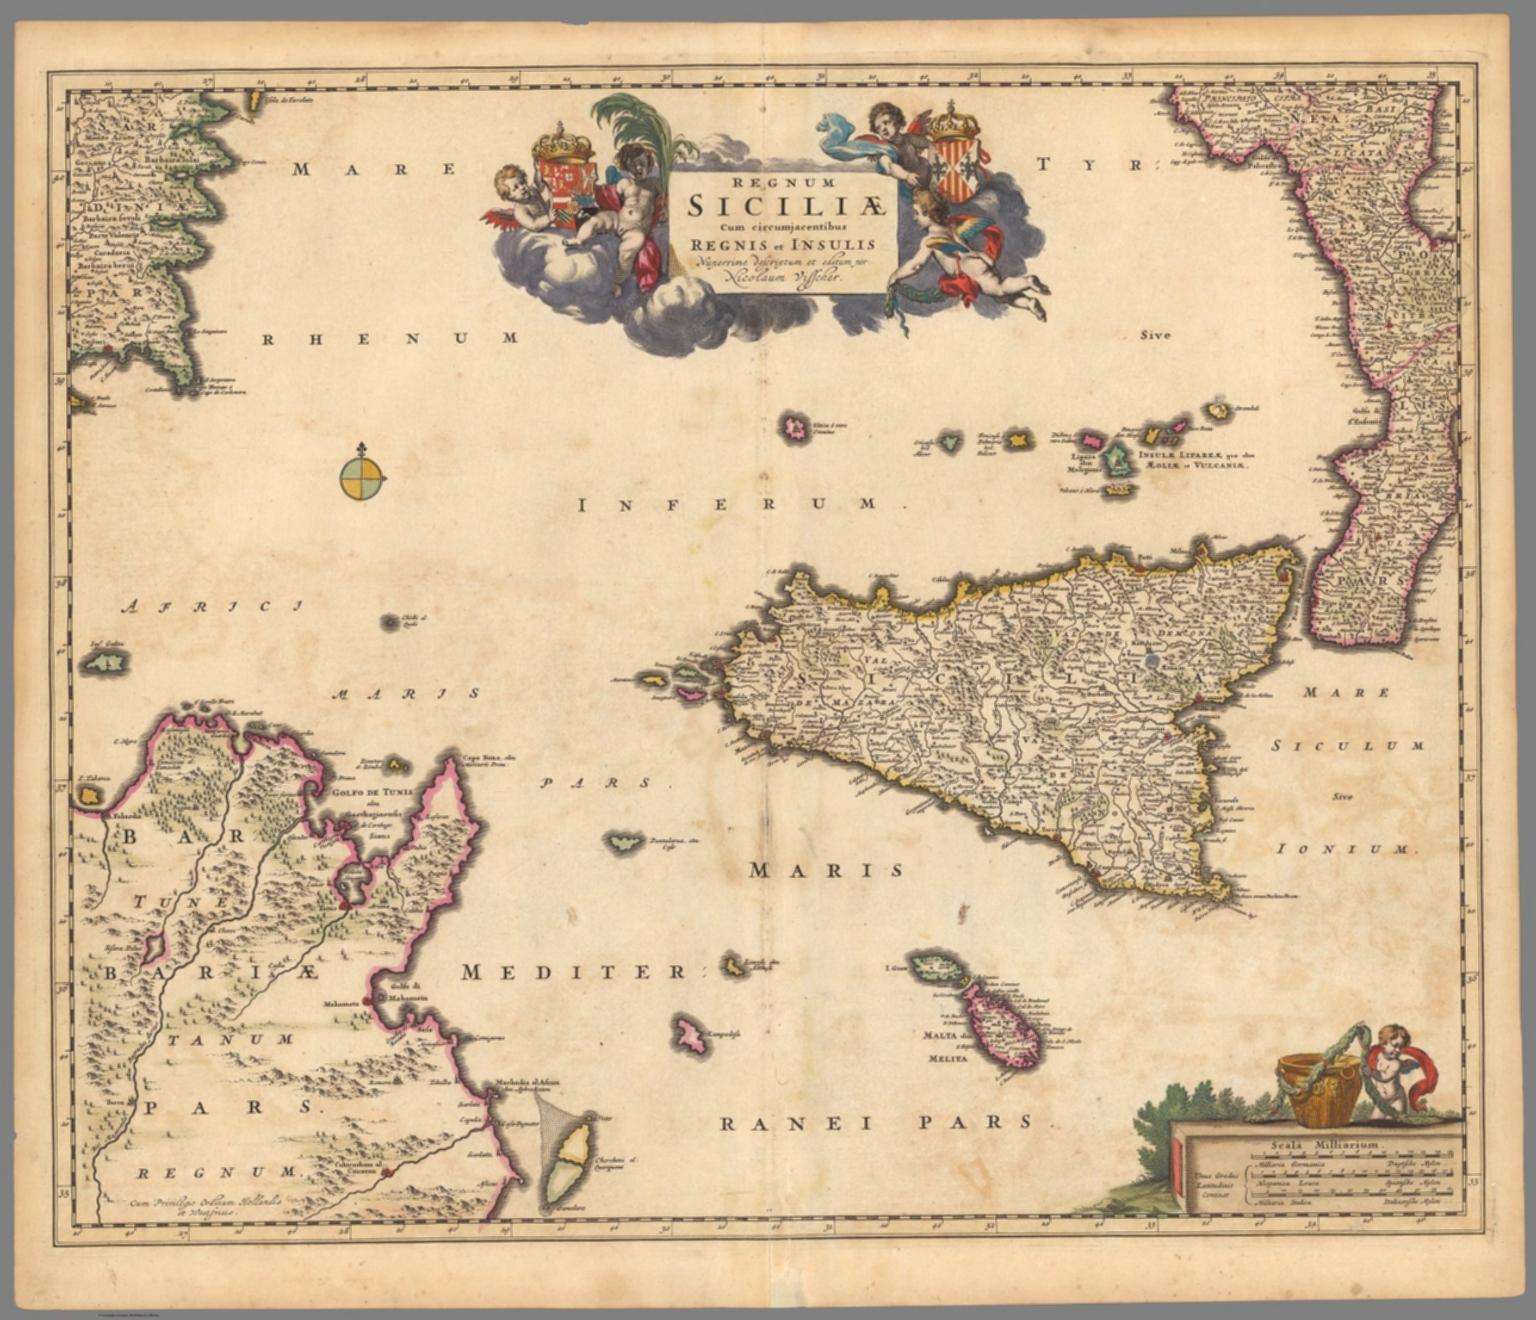 Regnum Siciliae Cum circumiacentibus Regnis et Insulis